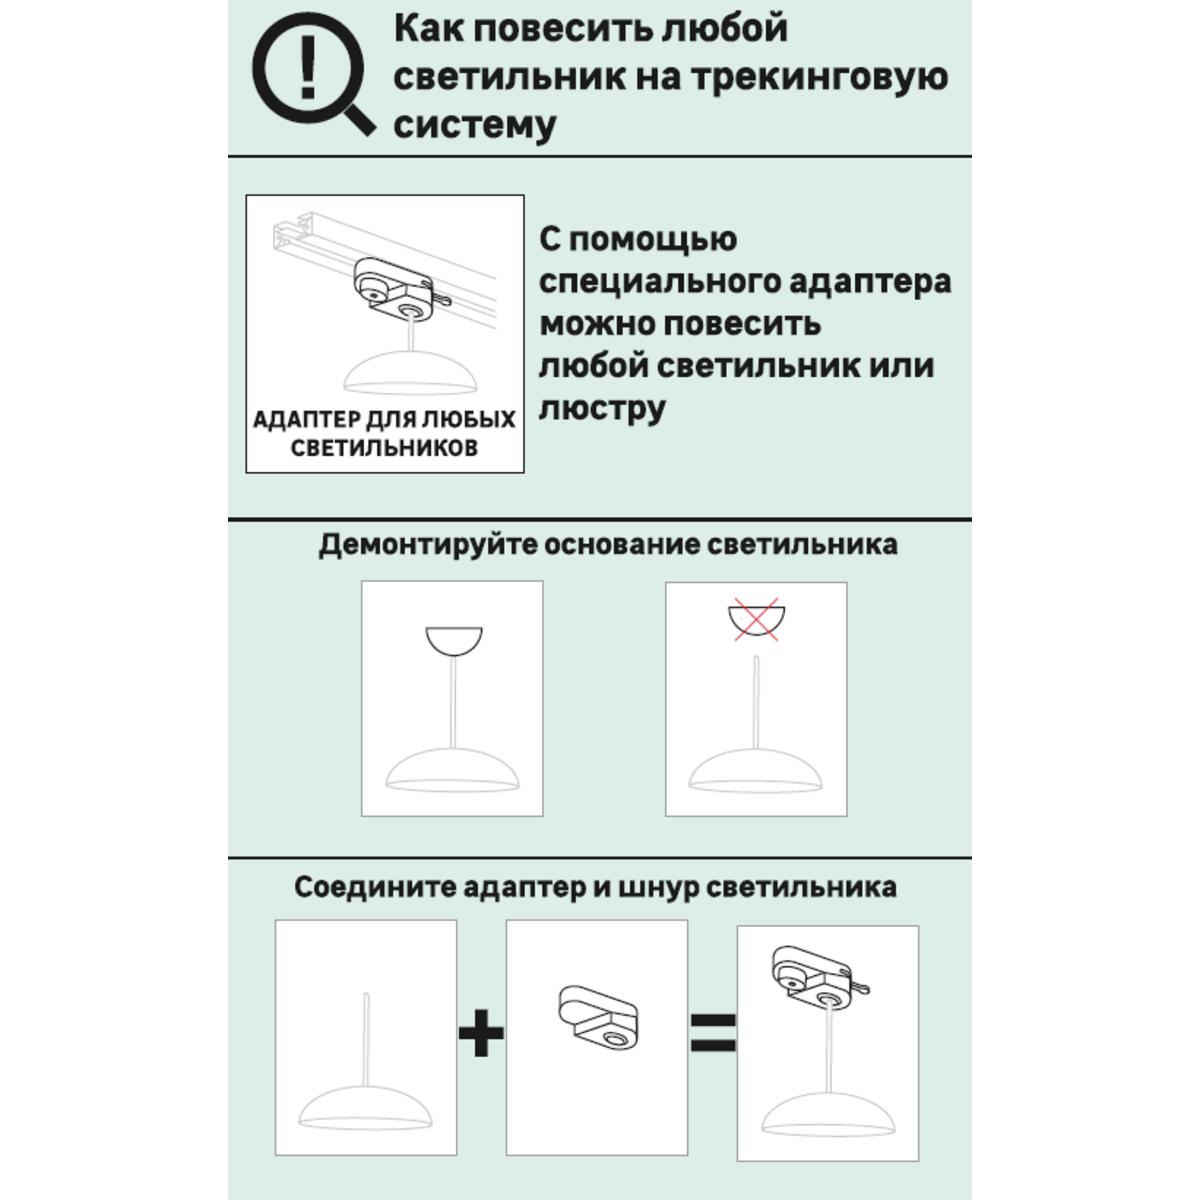 Адаптер для подключения к трековой системе цвет белый